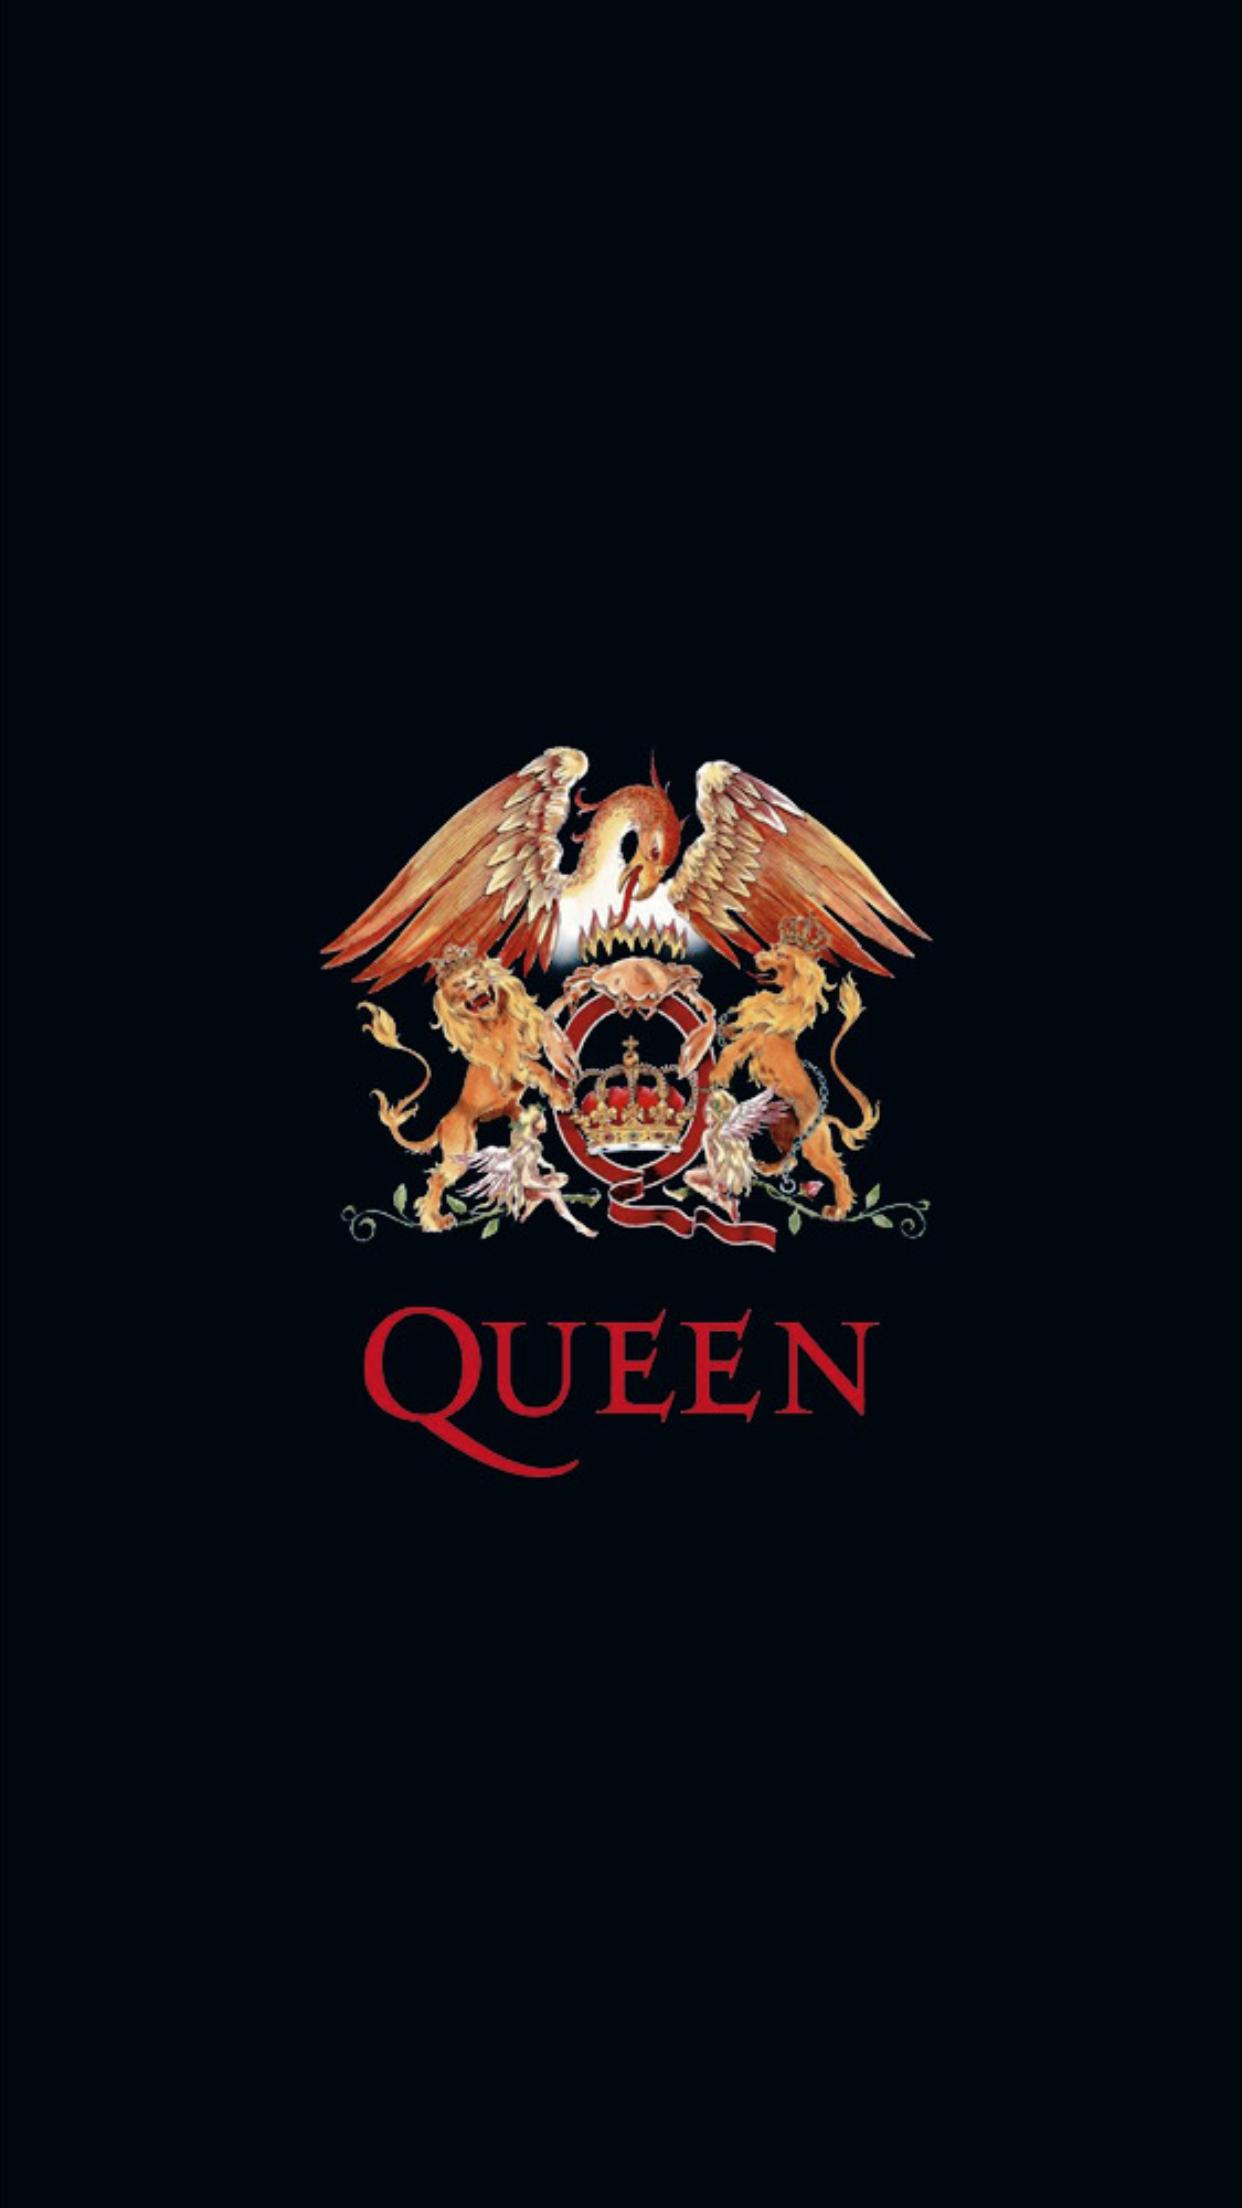 ̗̀ 𝘱𝘪𝘯𝘯𝘦𝘥 𝘧𝘳𝘰𝘮 𝘢𝘷𝘰𝘤𝘢𝘵𝘩𝘰𝘵 ̖́ Queen band, Queen aesthetic